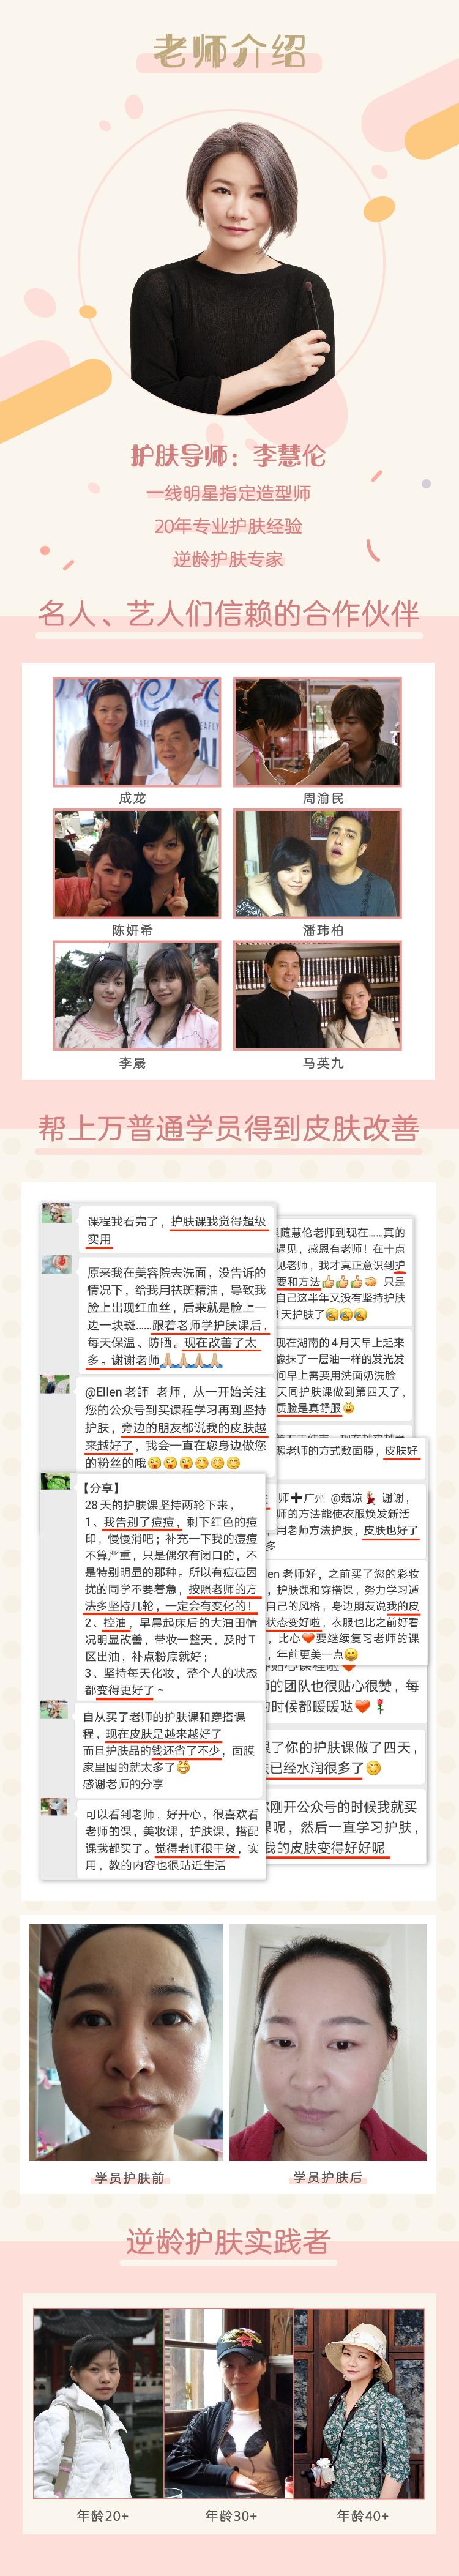 111李慧伦护肤课-详情页-02.jpg